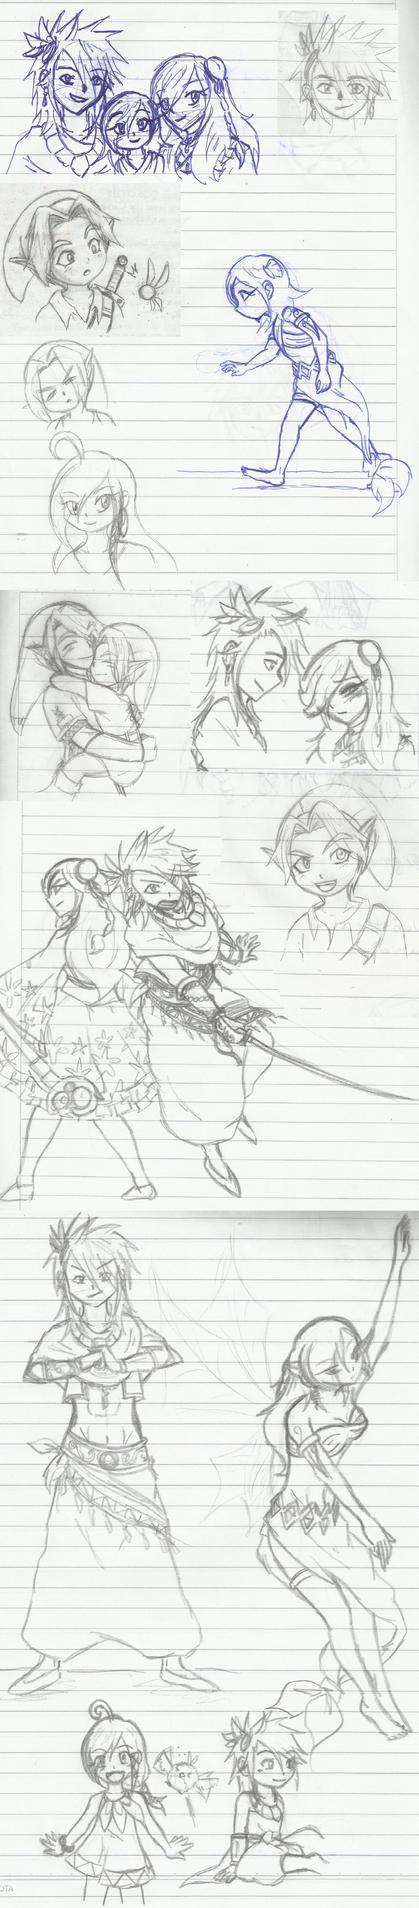 sketches by guchi-22